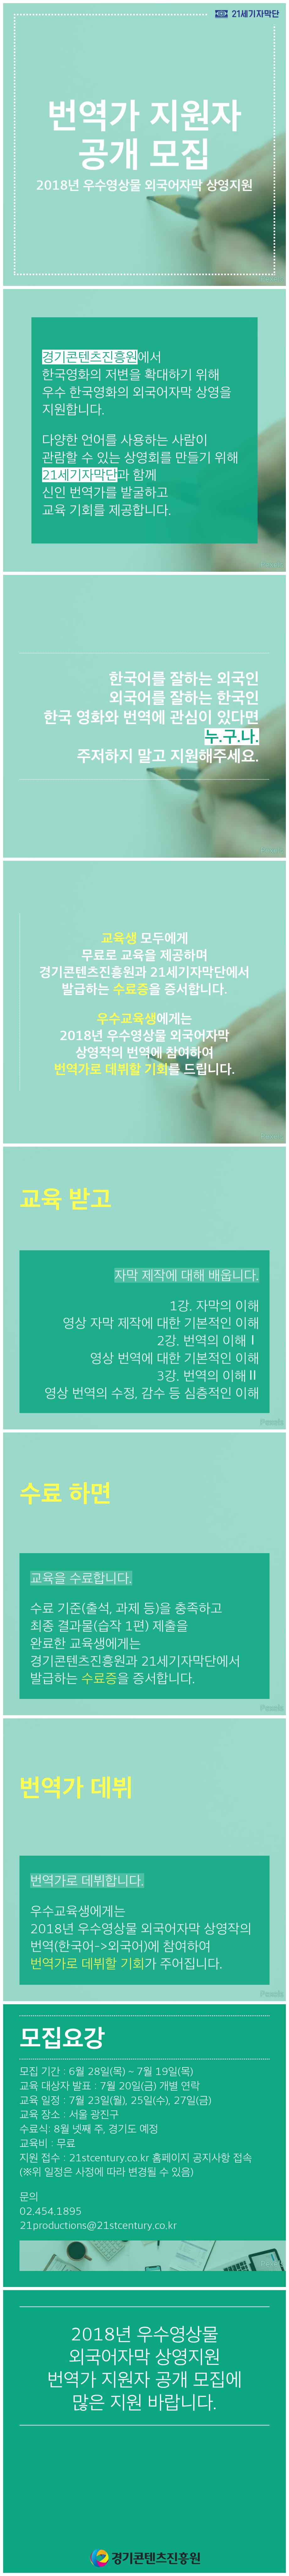 세로 이어붙인 파일_번역가 지원자 공개 모집